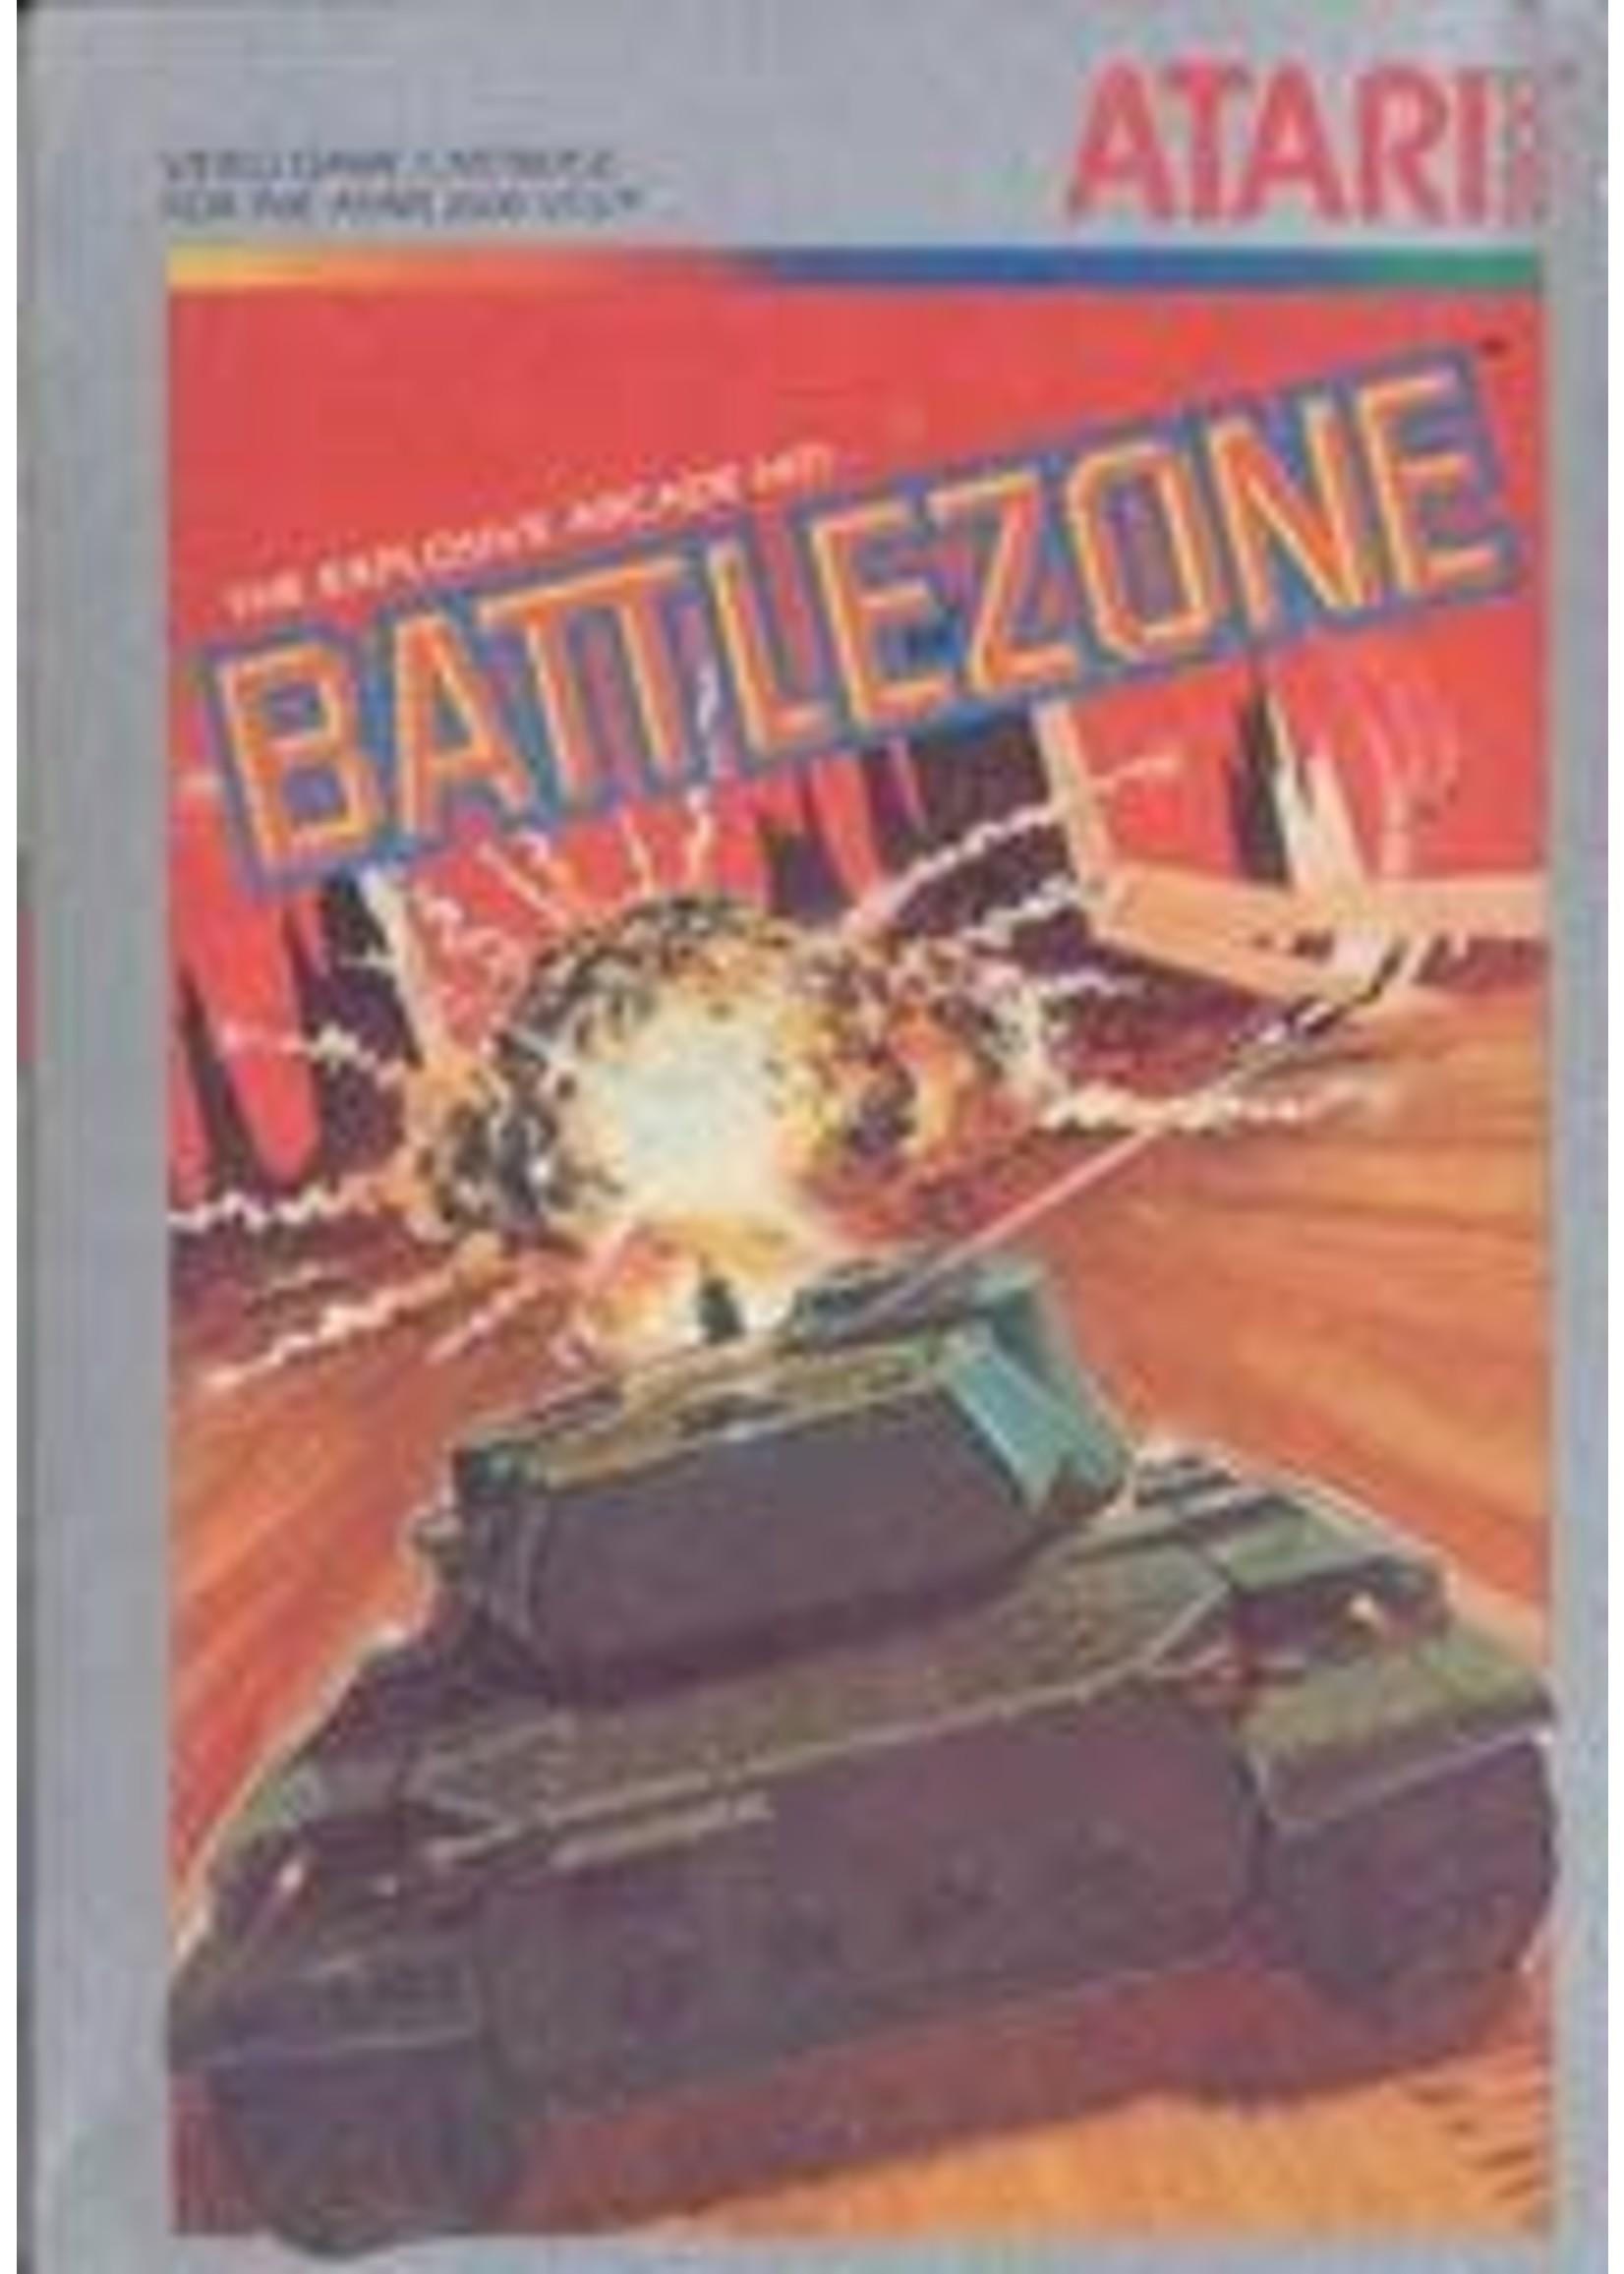 Battlezone Atari 2600